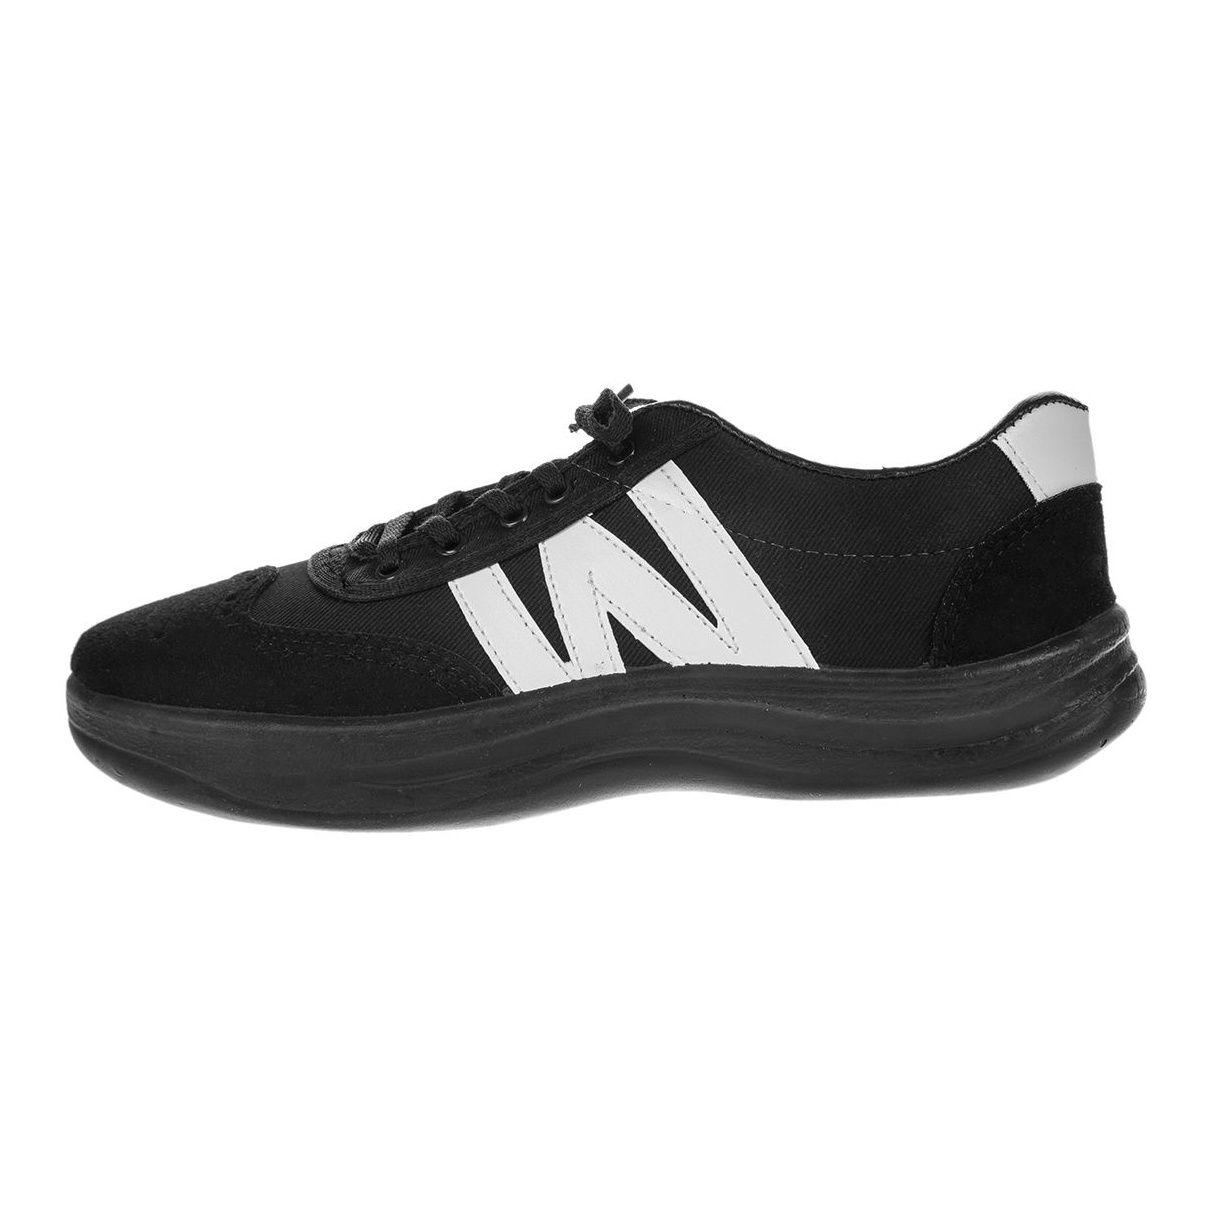 تصویر کفش راحتی مردانه شیفر مدل 5170c